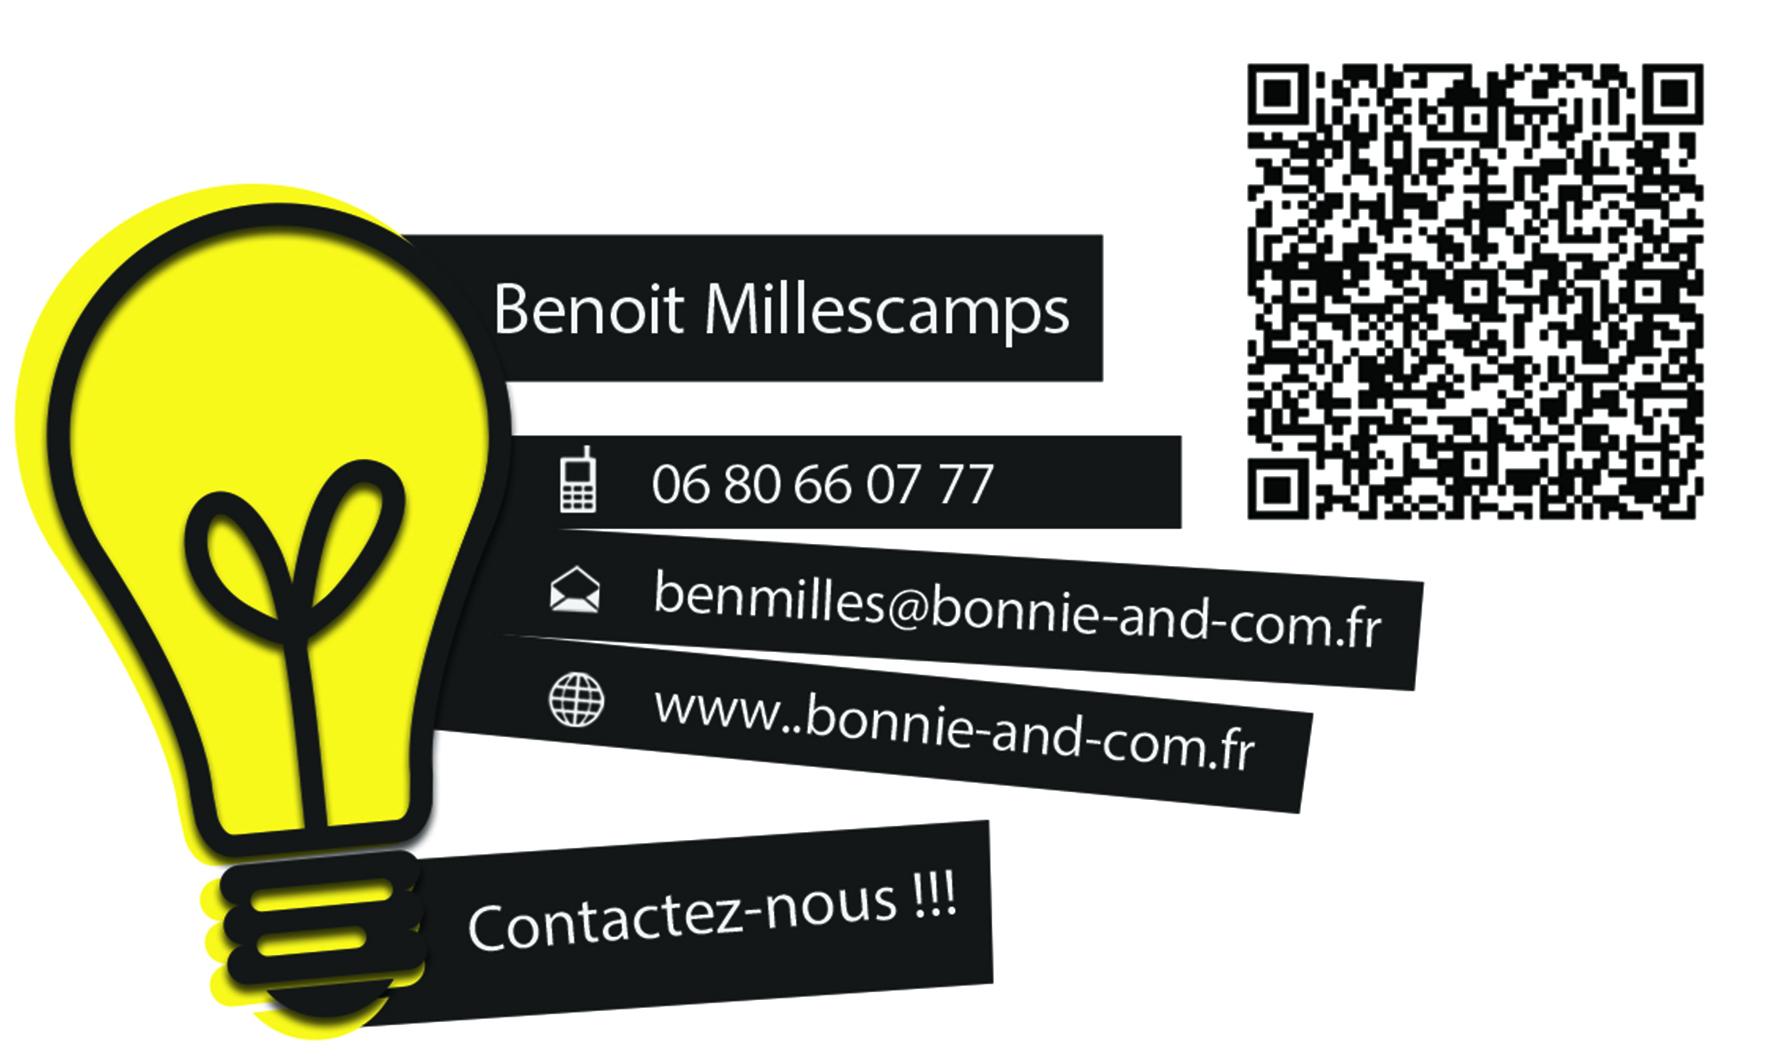 Contact Bonnie and com